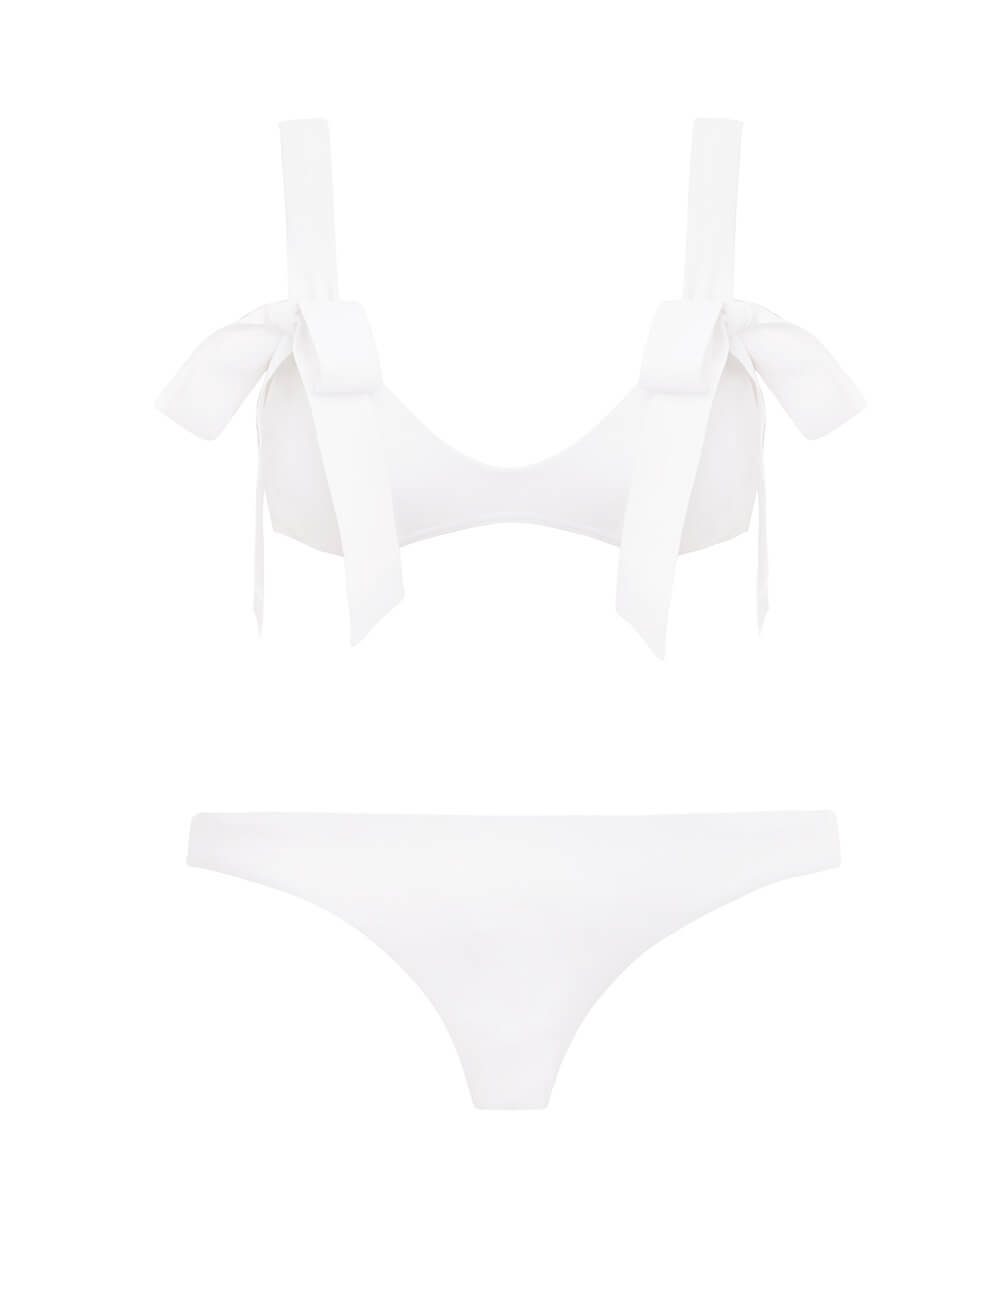 a9e3cfc663116 Shop Women's Swimwear Online | ZIMMERMANN